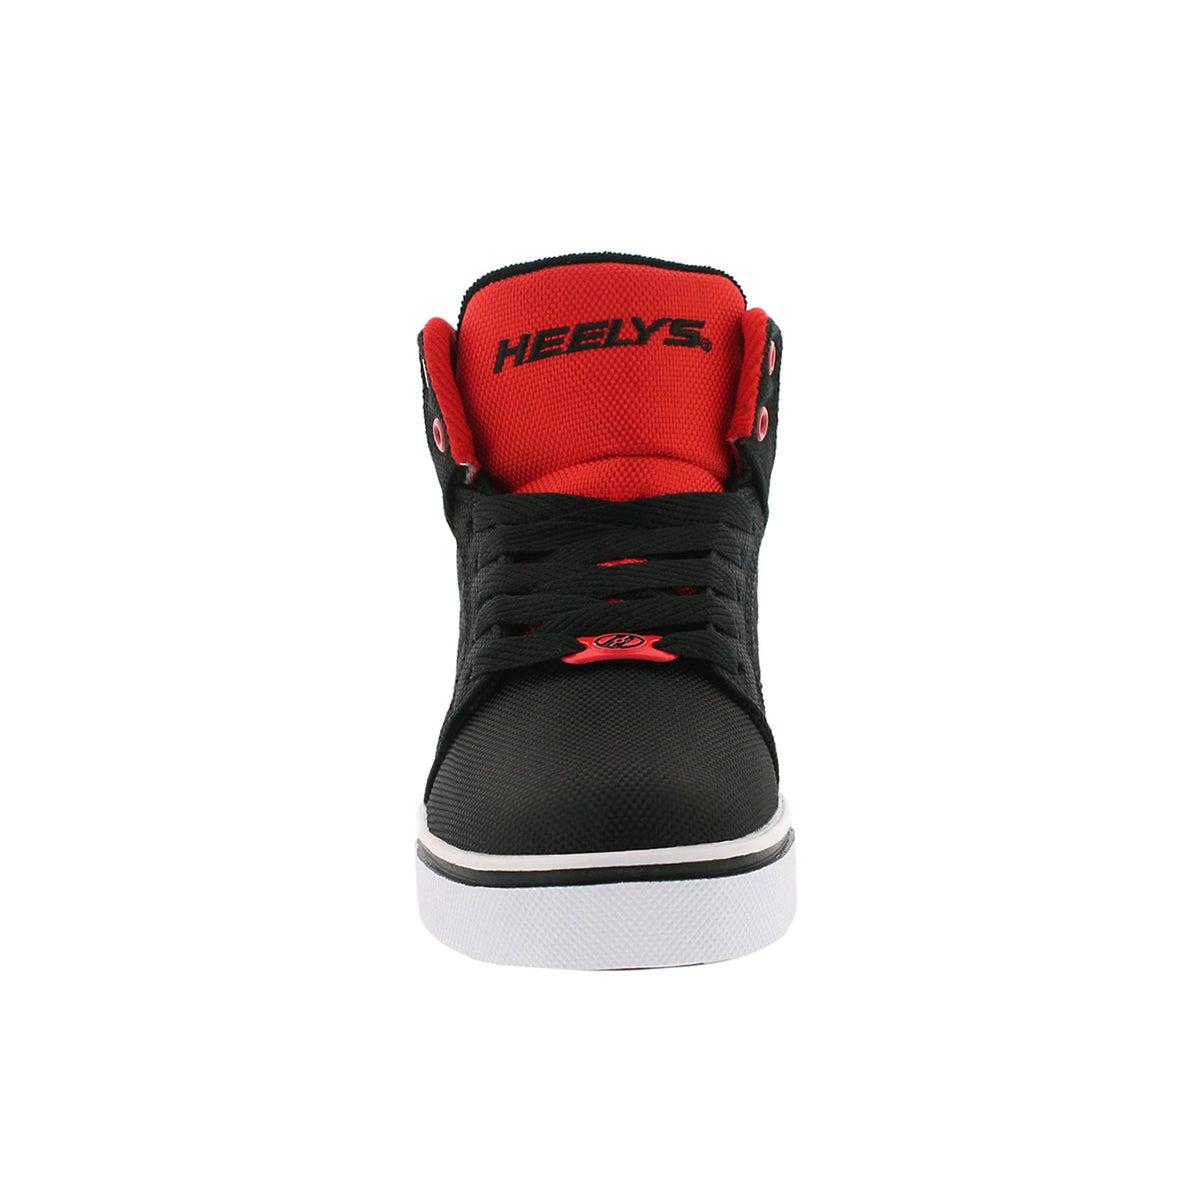 Bys Uptown blk/red hi top skate sneaker